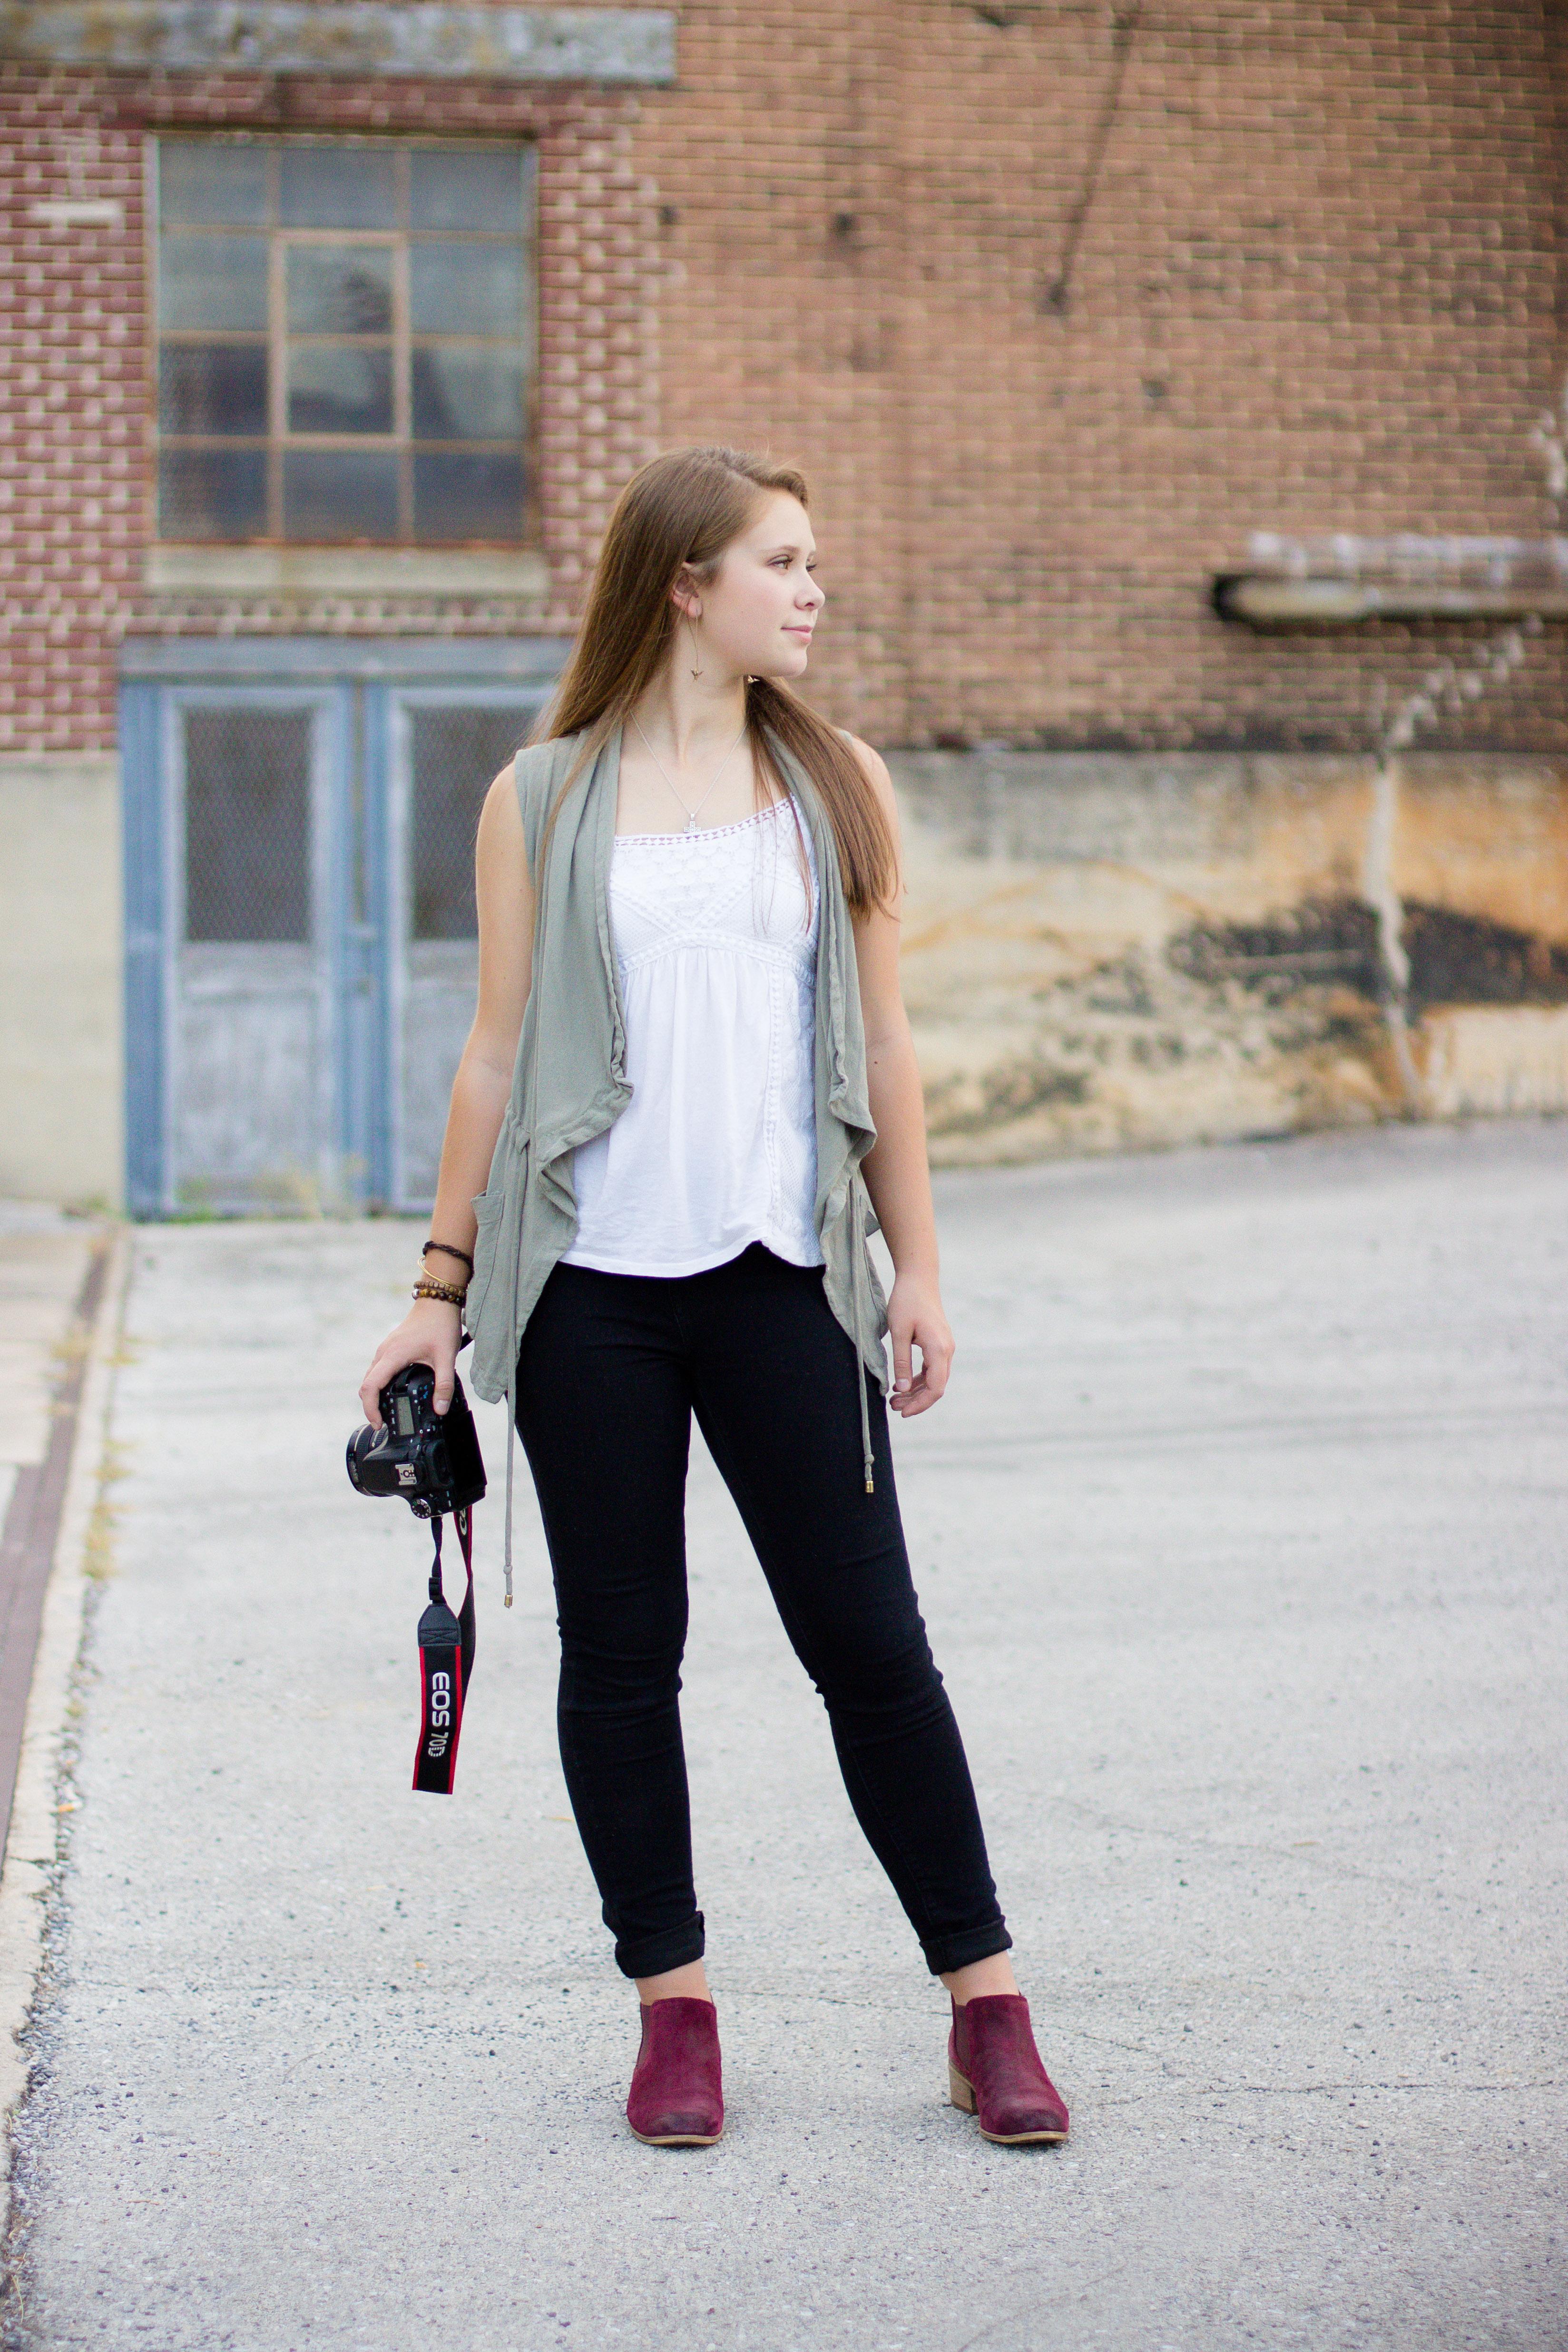 www.lauralynnphotography.net